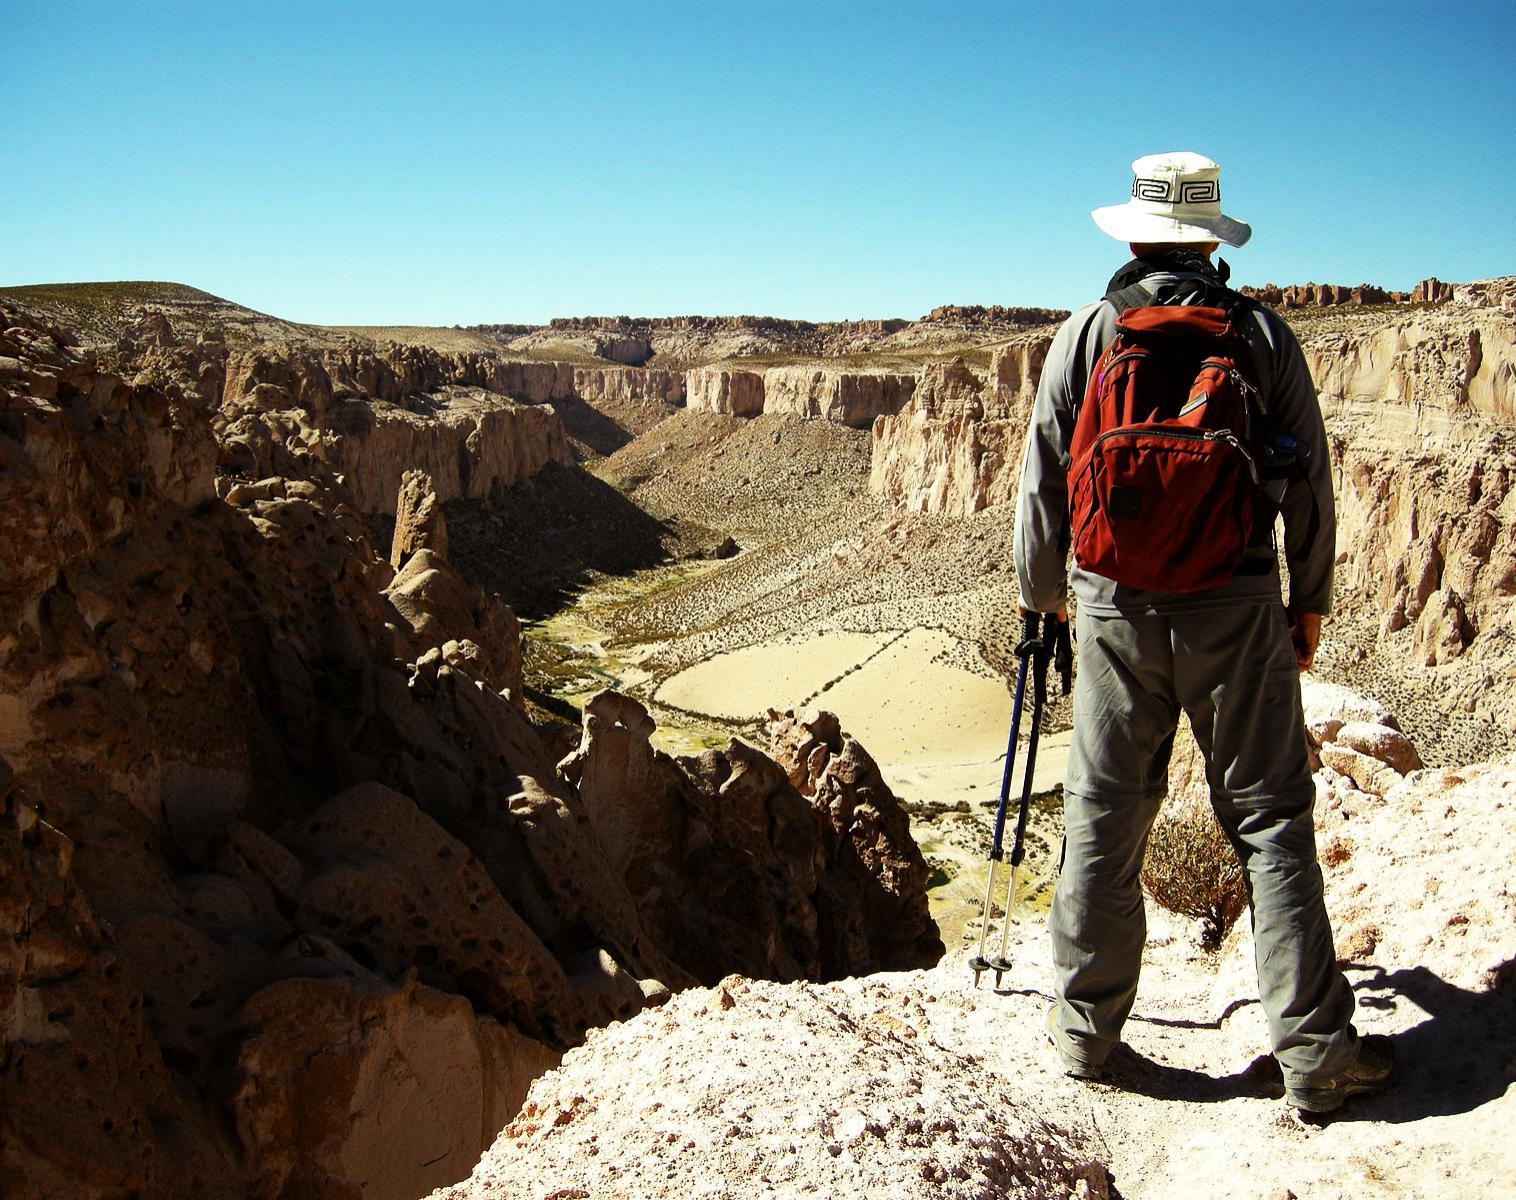 Bolivie  Désert d'Uyuni, Lipez et les Andes centrales   Découverte & Balade Trek & Randonnée